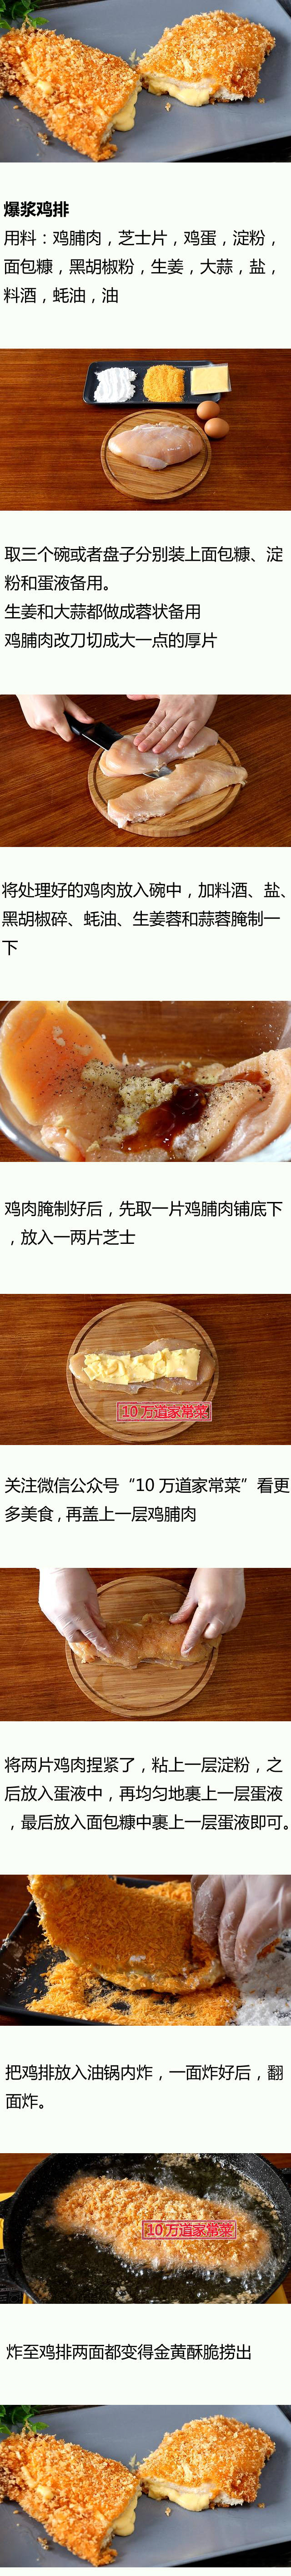 ✔️[美食 吃吃喝喝資訊]廚師長教你喺家做三杯雞,醬料配方秘密零保留,3分鍾就學會 ...